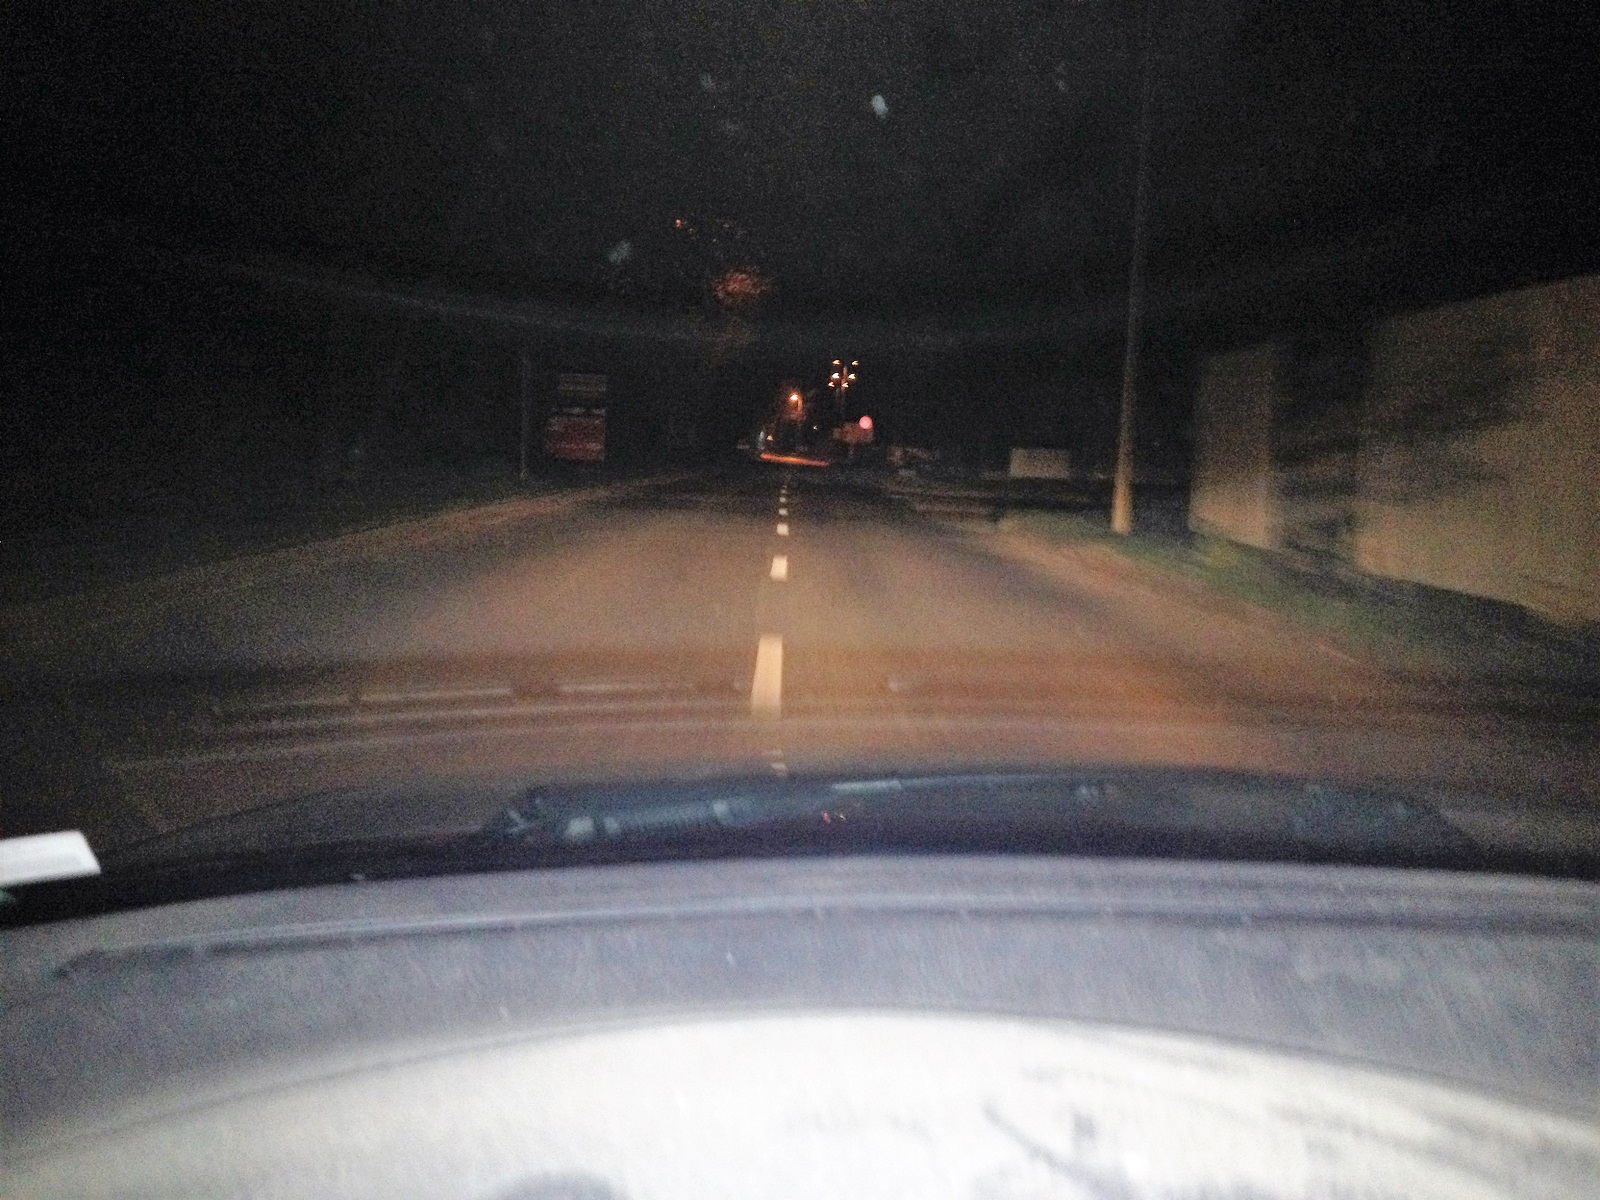 Hogyan javítsuk öreg autónk világítását?